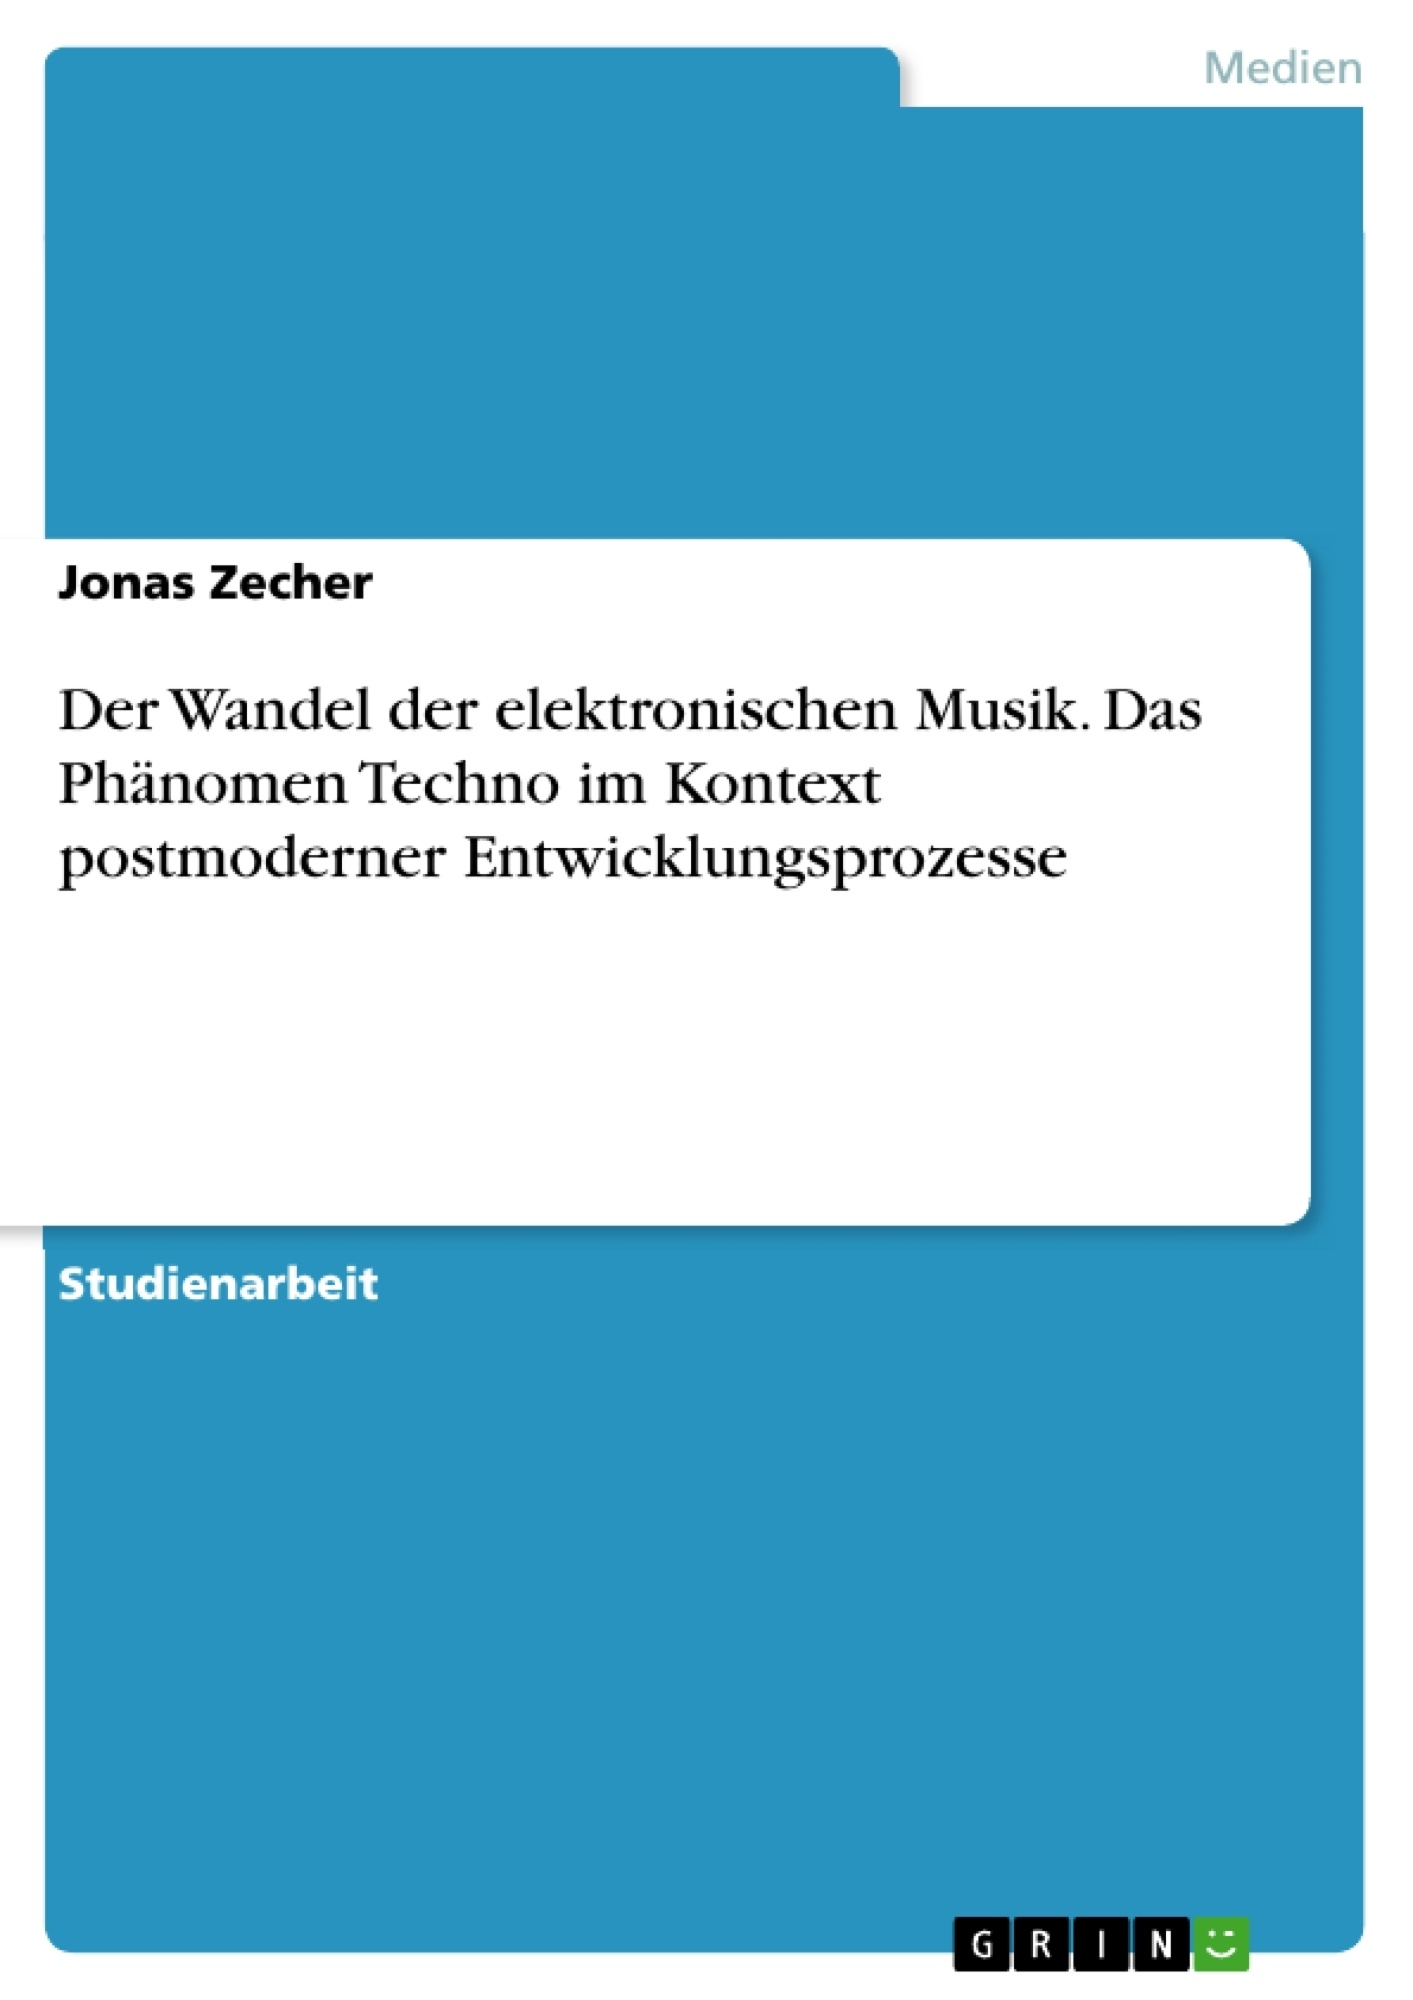 Titel: Der Wandel der elektronischen Musik. Das Phänomen Techno im Kontext postmoderner Entwicklungsprozesse